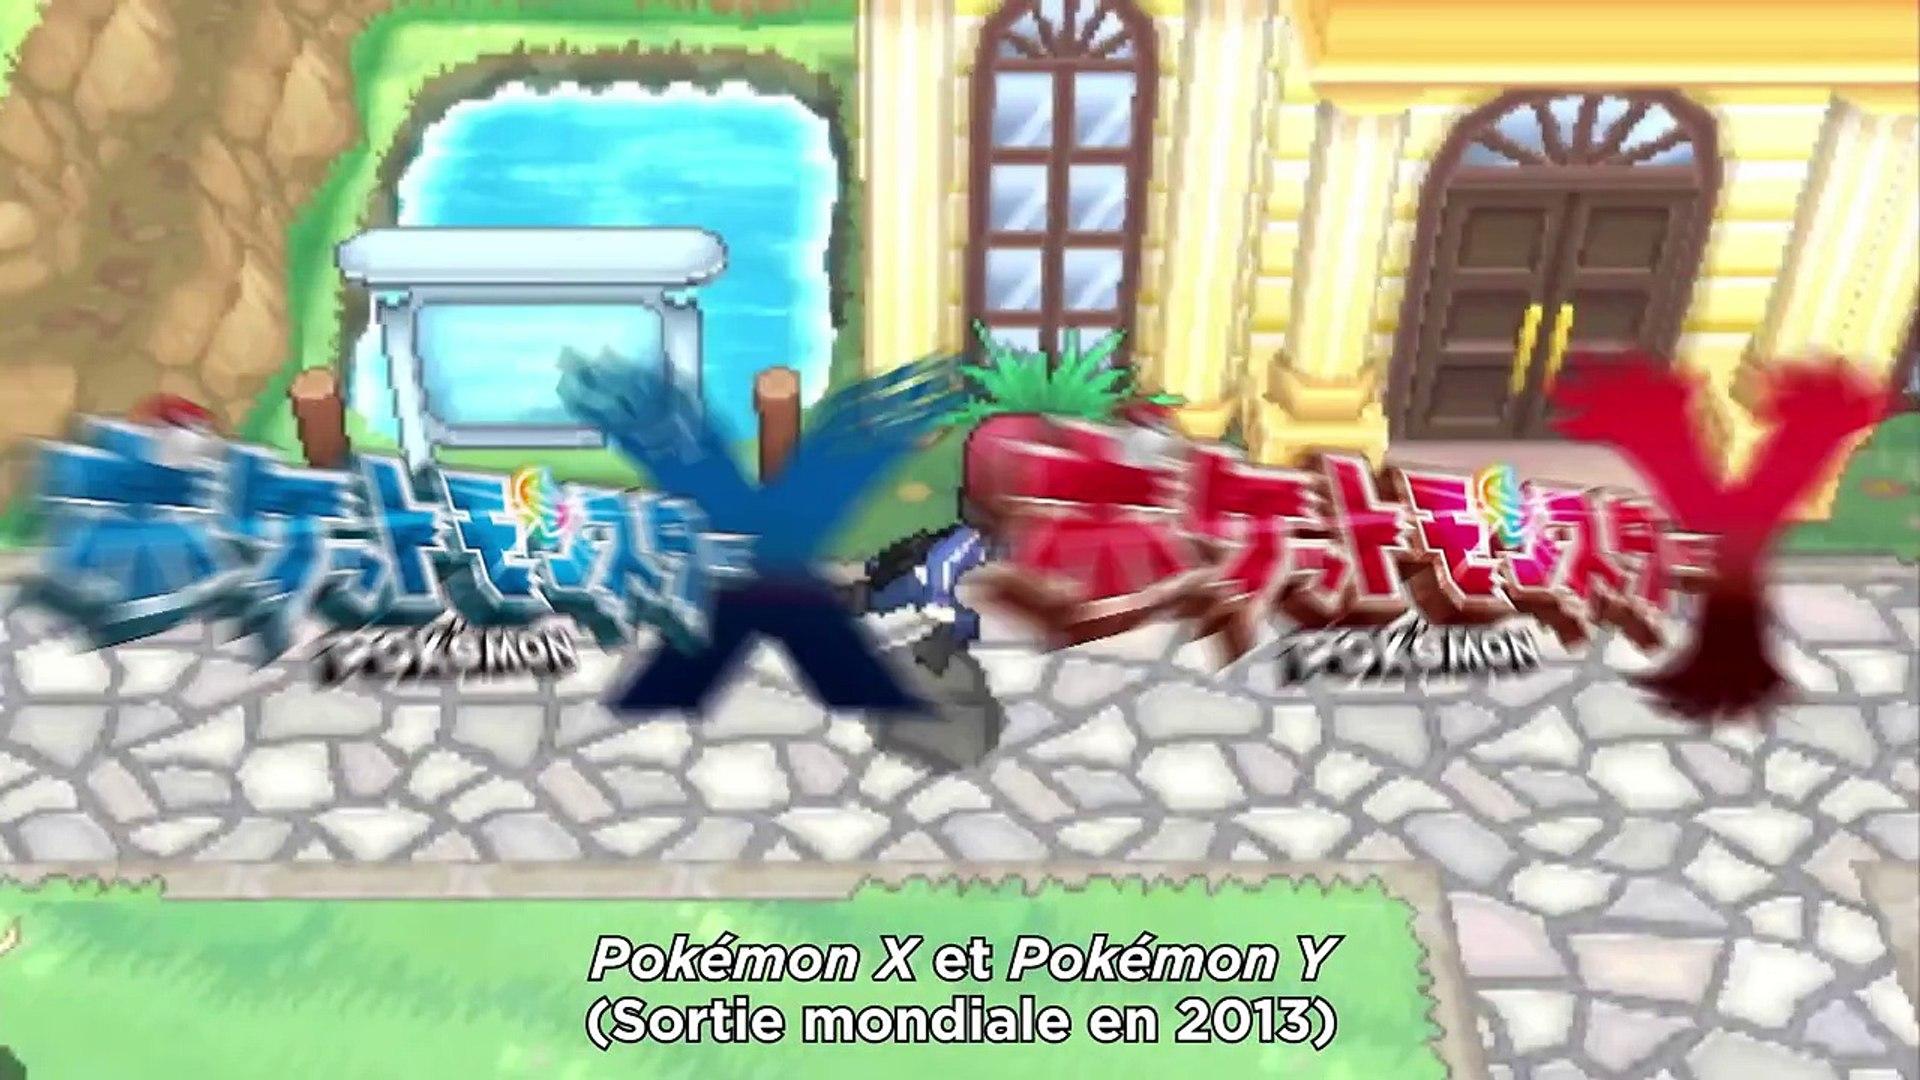 Pokémon Soleil et Pokémon Lune arrivent fin 2016 !